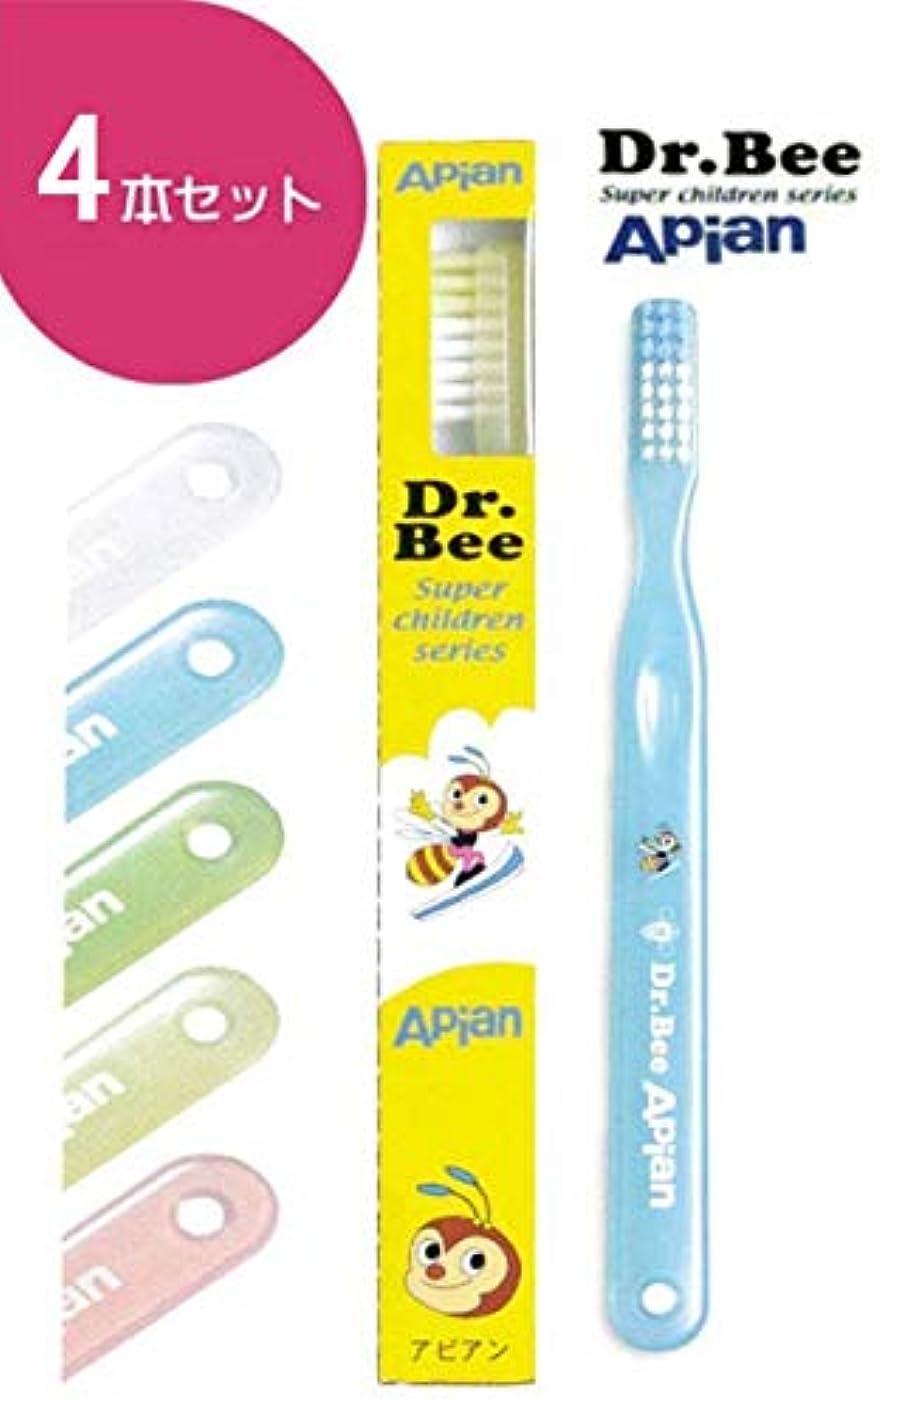 衣装インフラみなさんビーブランド ドクタービー(Dr.Bee) アピアン(Apian) 4本